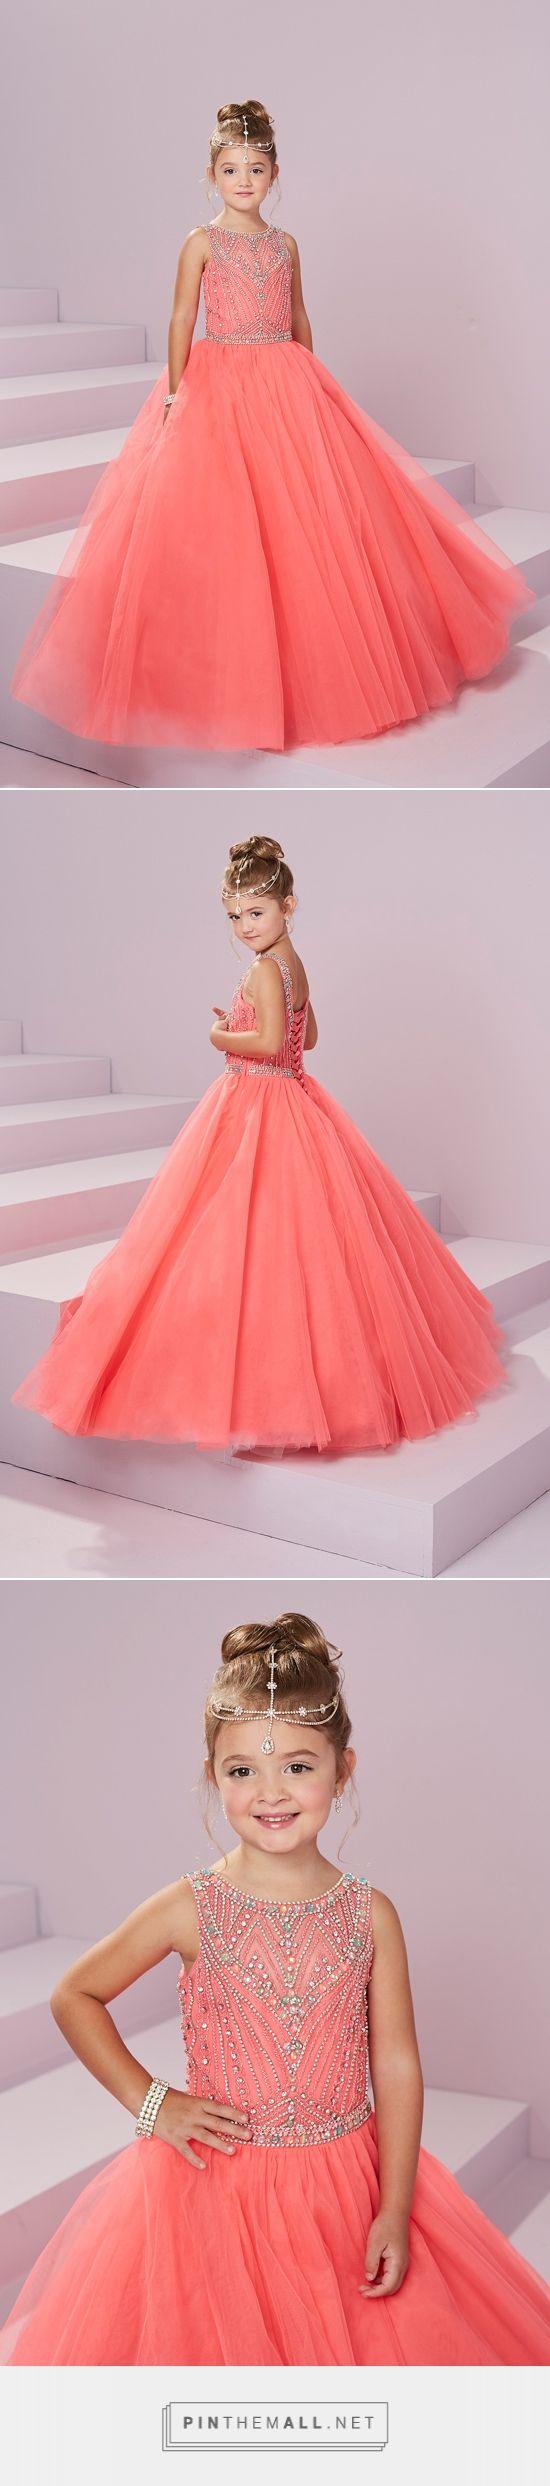 Lujo Vestidos De Dama Nottingham Componente - Ideas de Vestido para ...